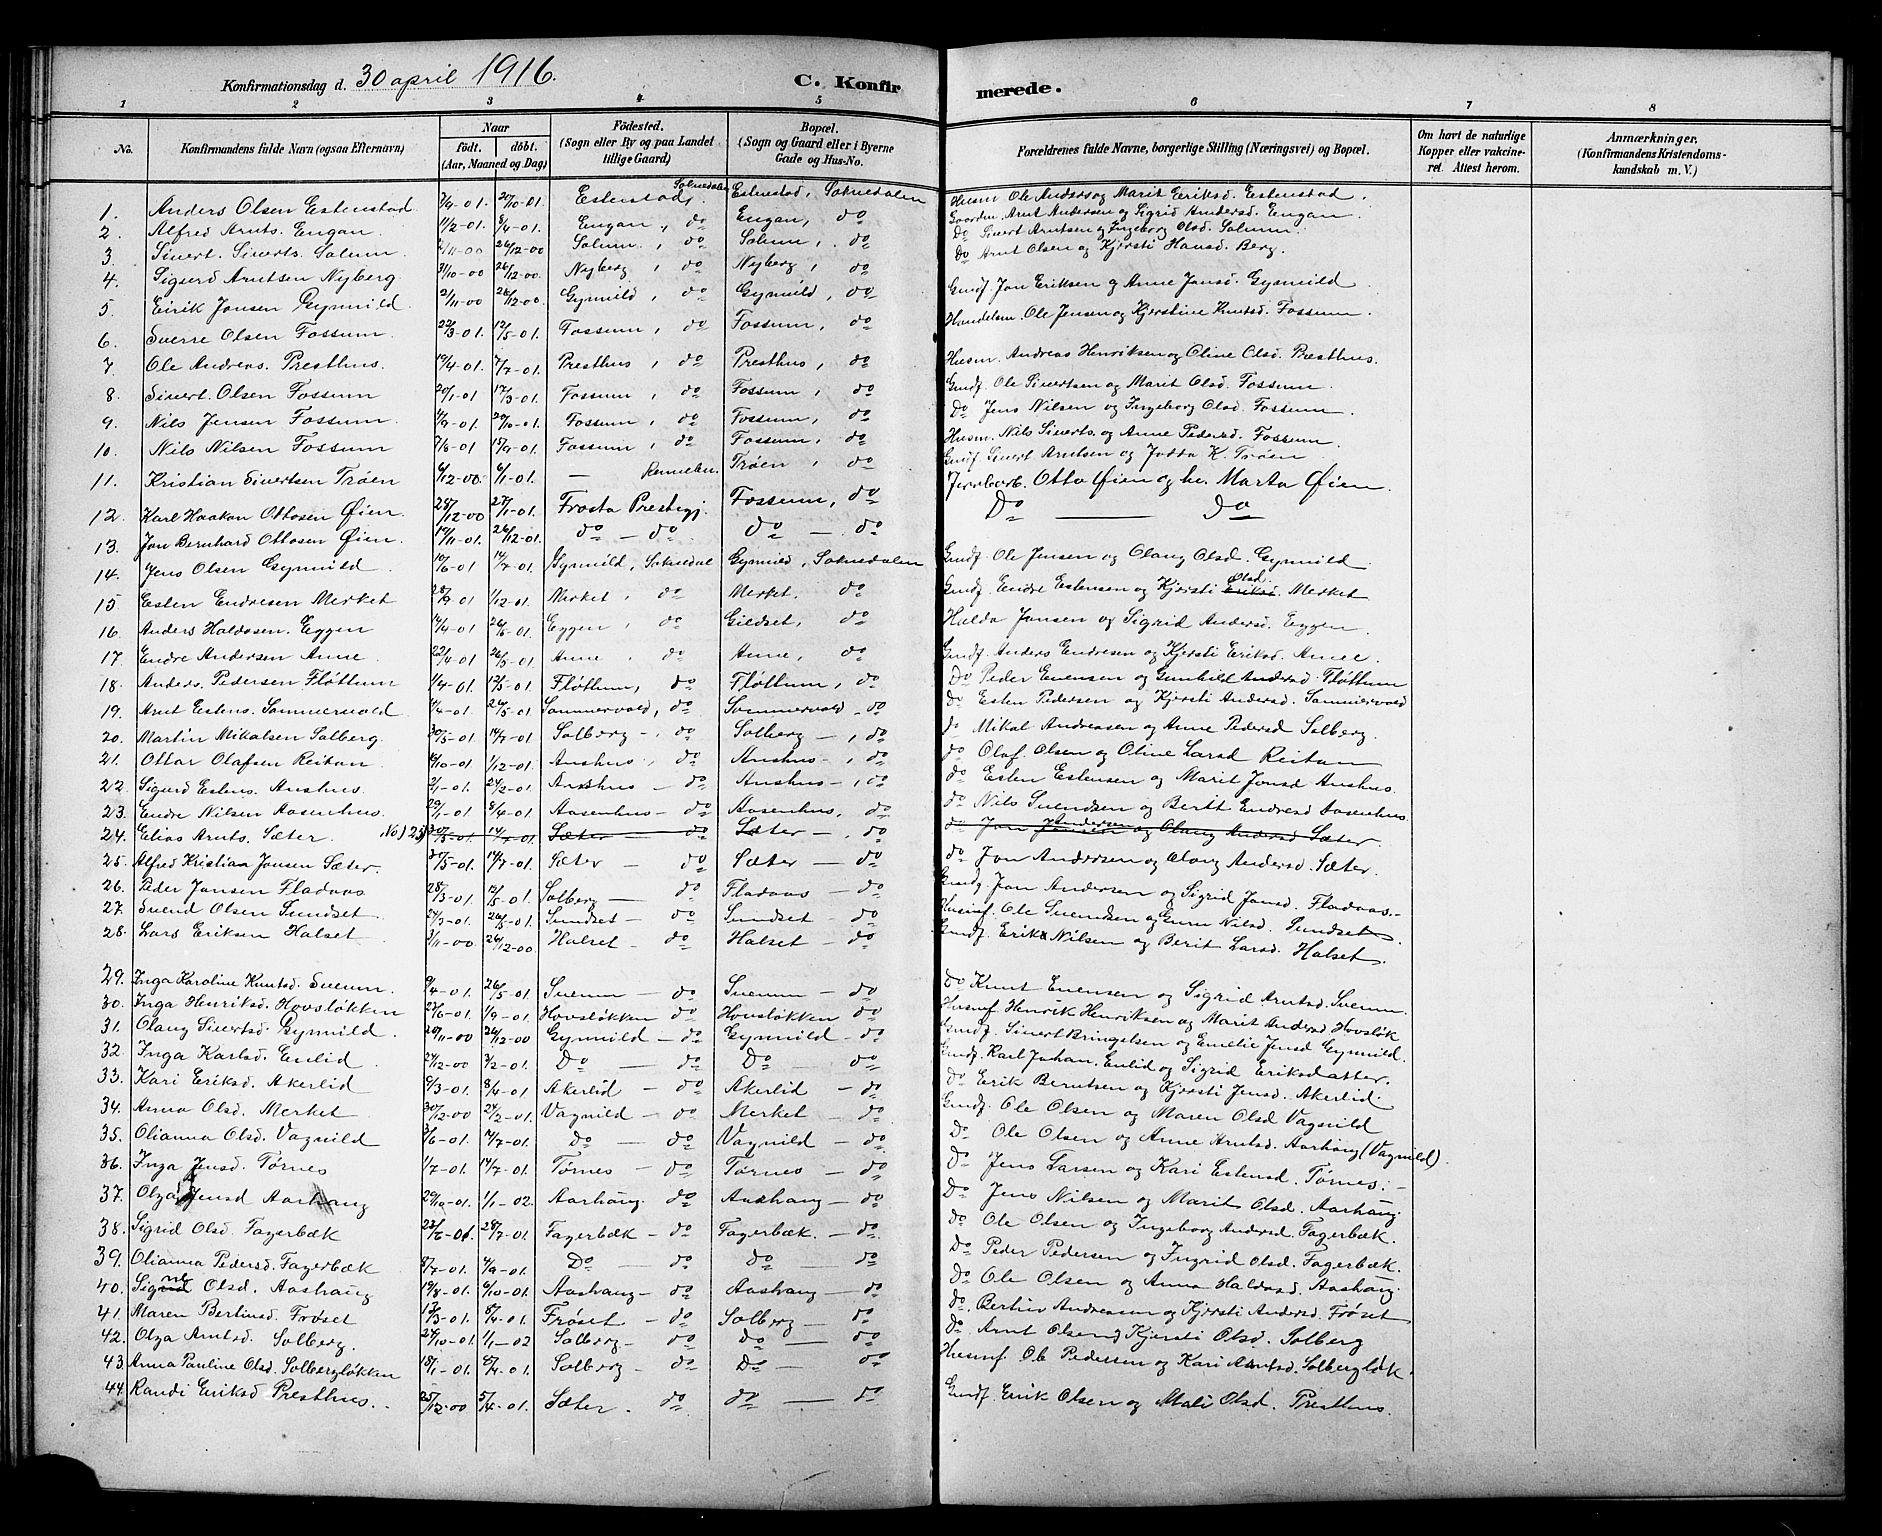 SAT, Ministerialprotokoller, klokkerbøker og fødselsregistre - Sør-Trøndelag, 689/L1044: Klokkerbok nr. 689C03, 1893-1922